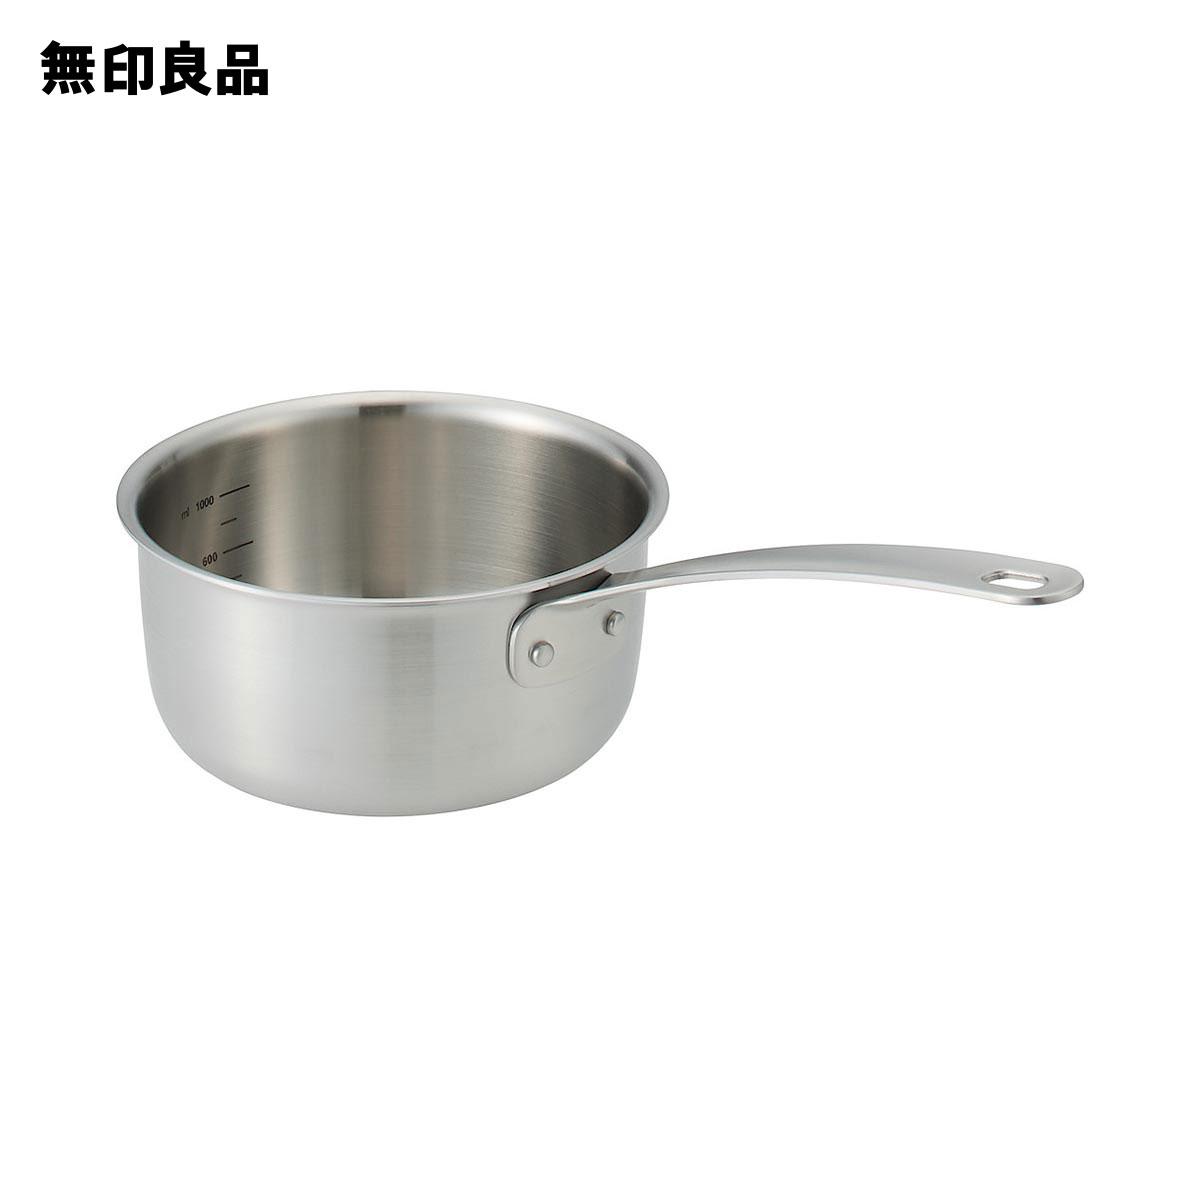 ステンレスアルミ全面三層鋼片手鍋 約1.5L/約幅36×高さ13cm